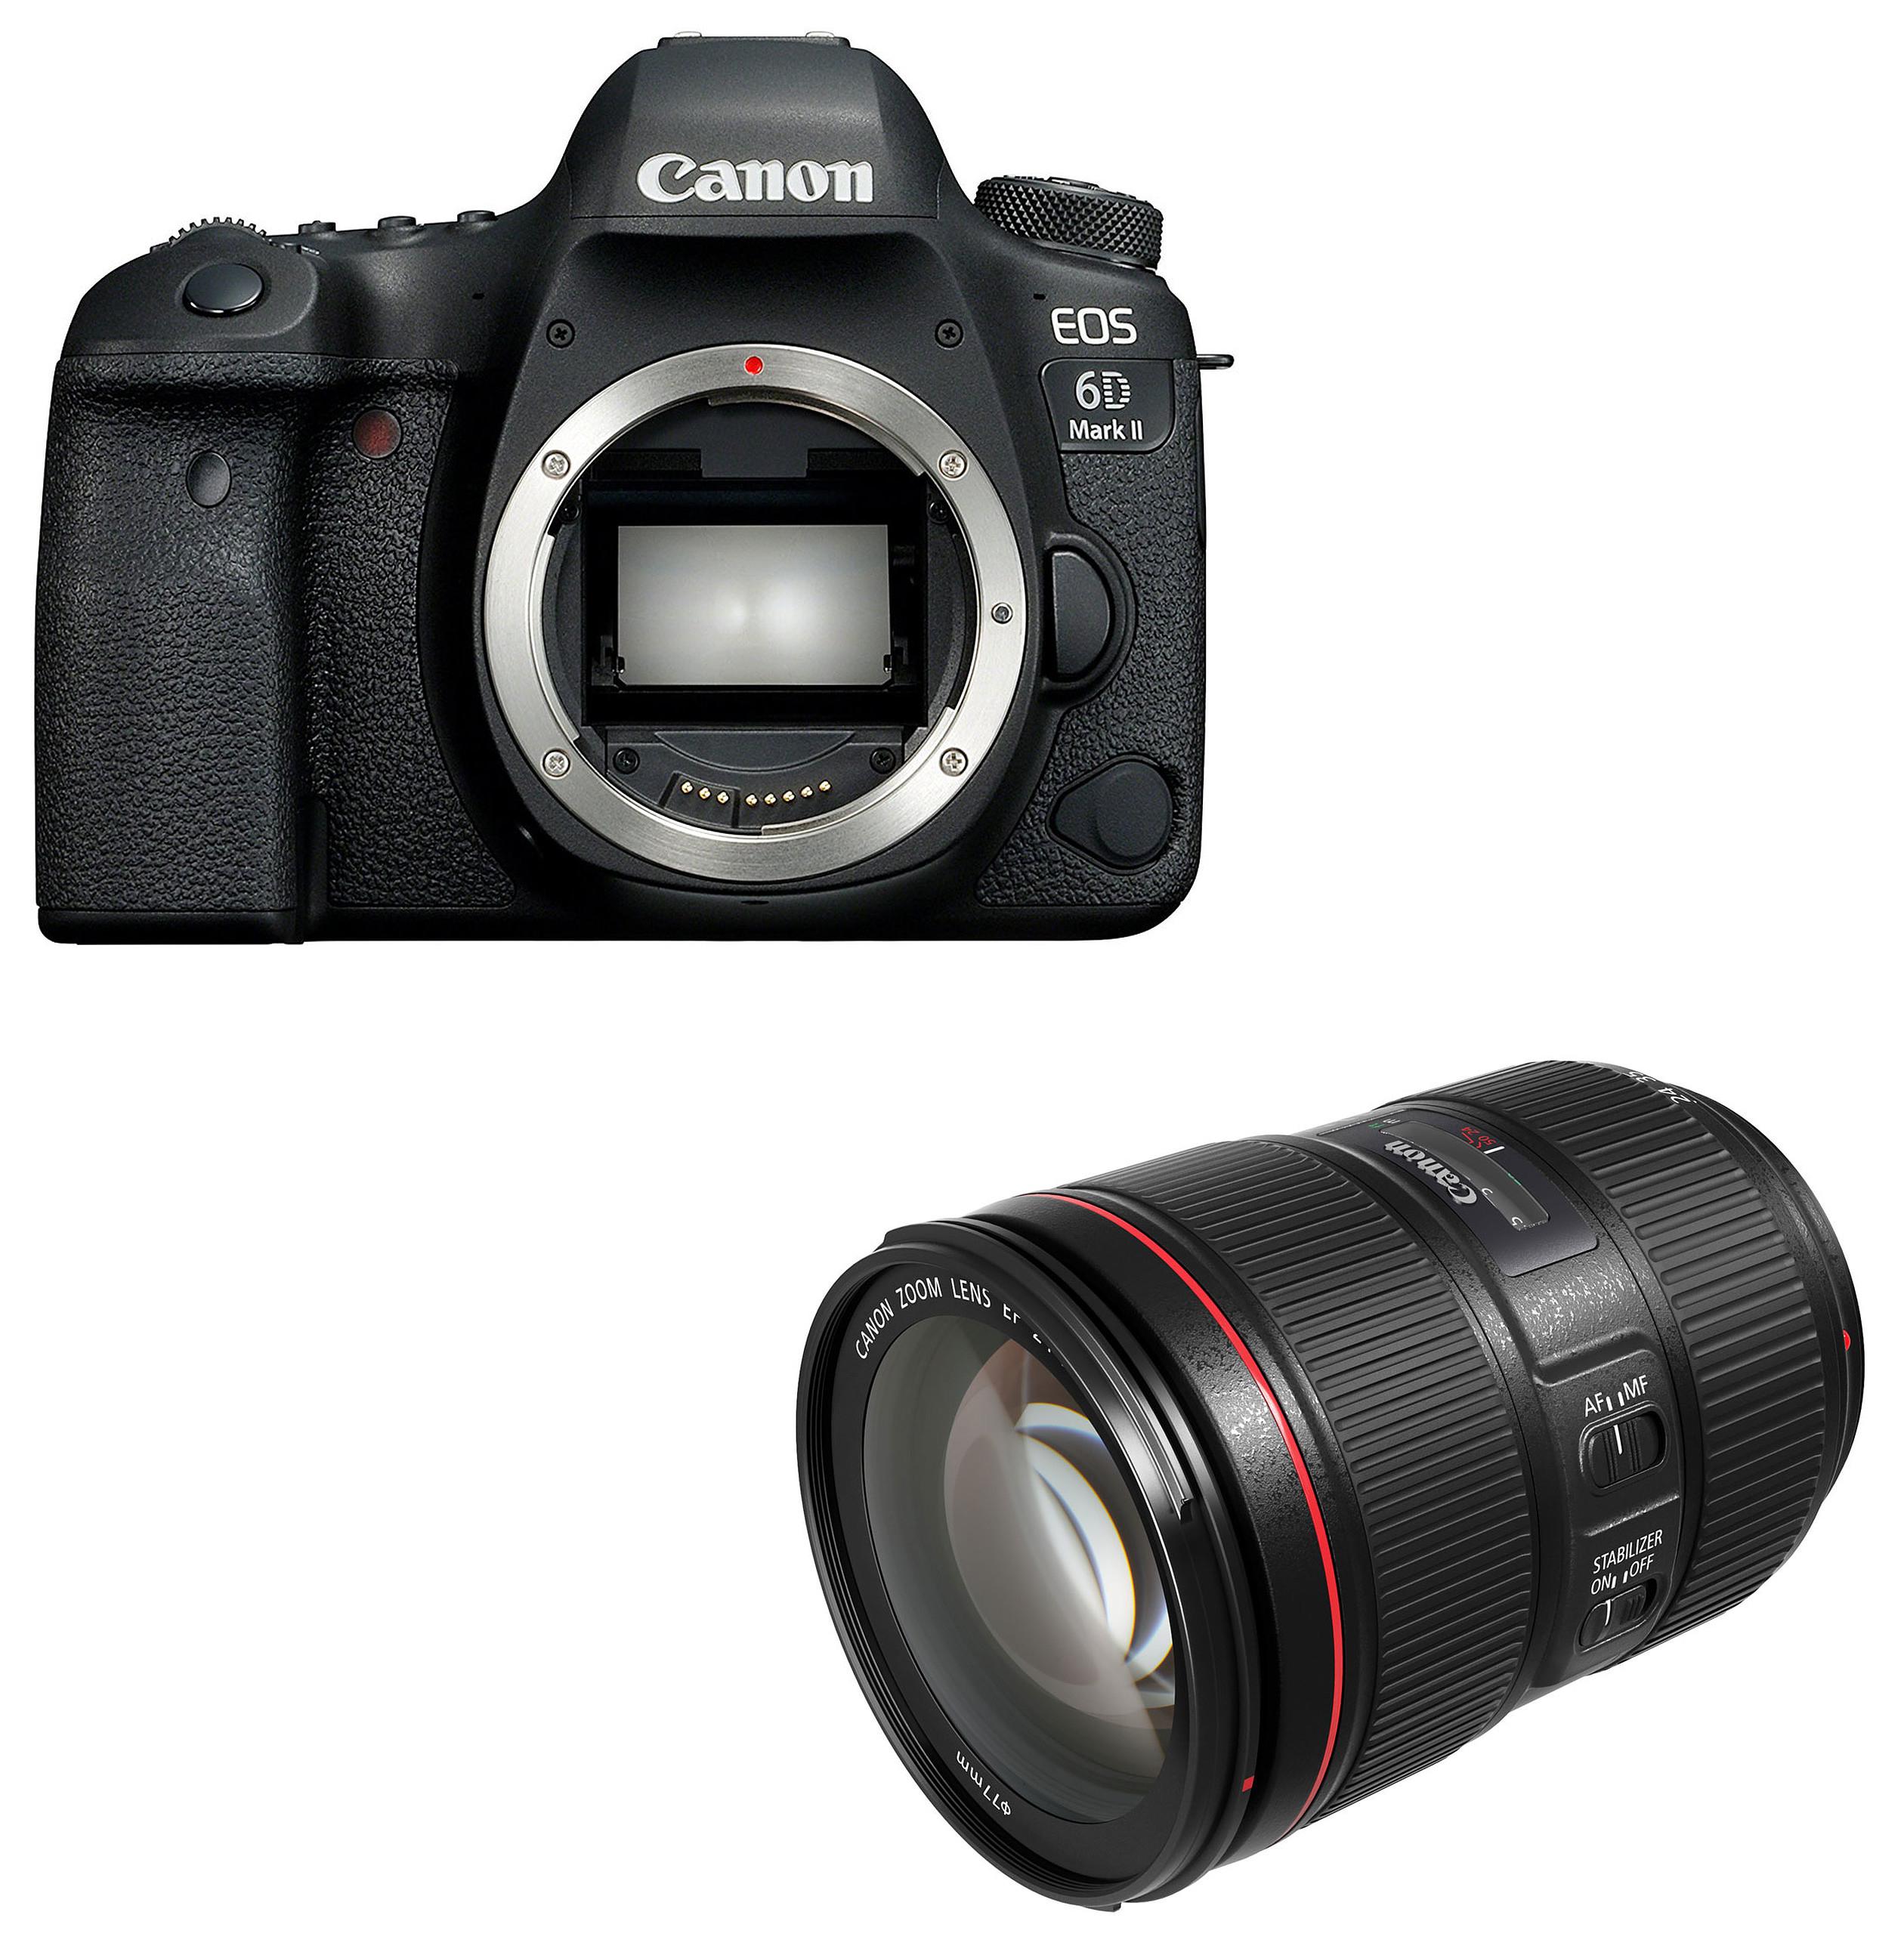 [Adhérents] Appareil photo Reflex Canon EOS 6D Mark II + Objectif Canon EF 24-105 mm f/4L IS II USM (+ 190€ sur la carte) - Via ODR de 80€